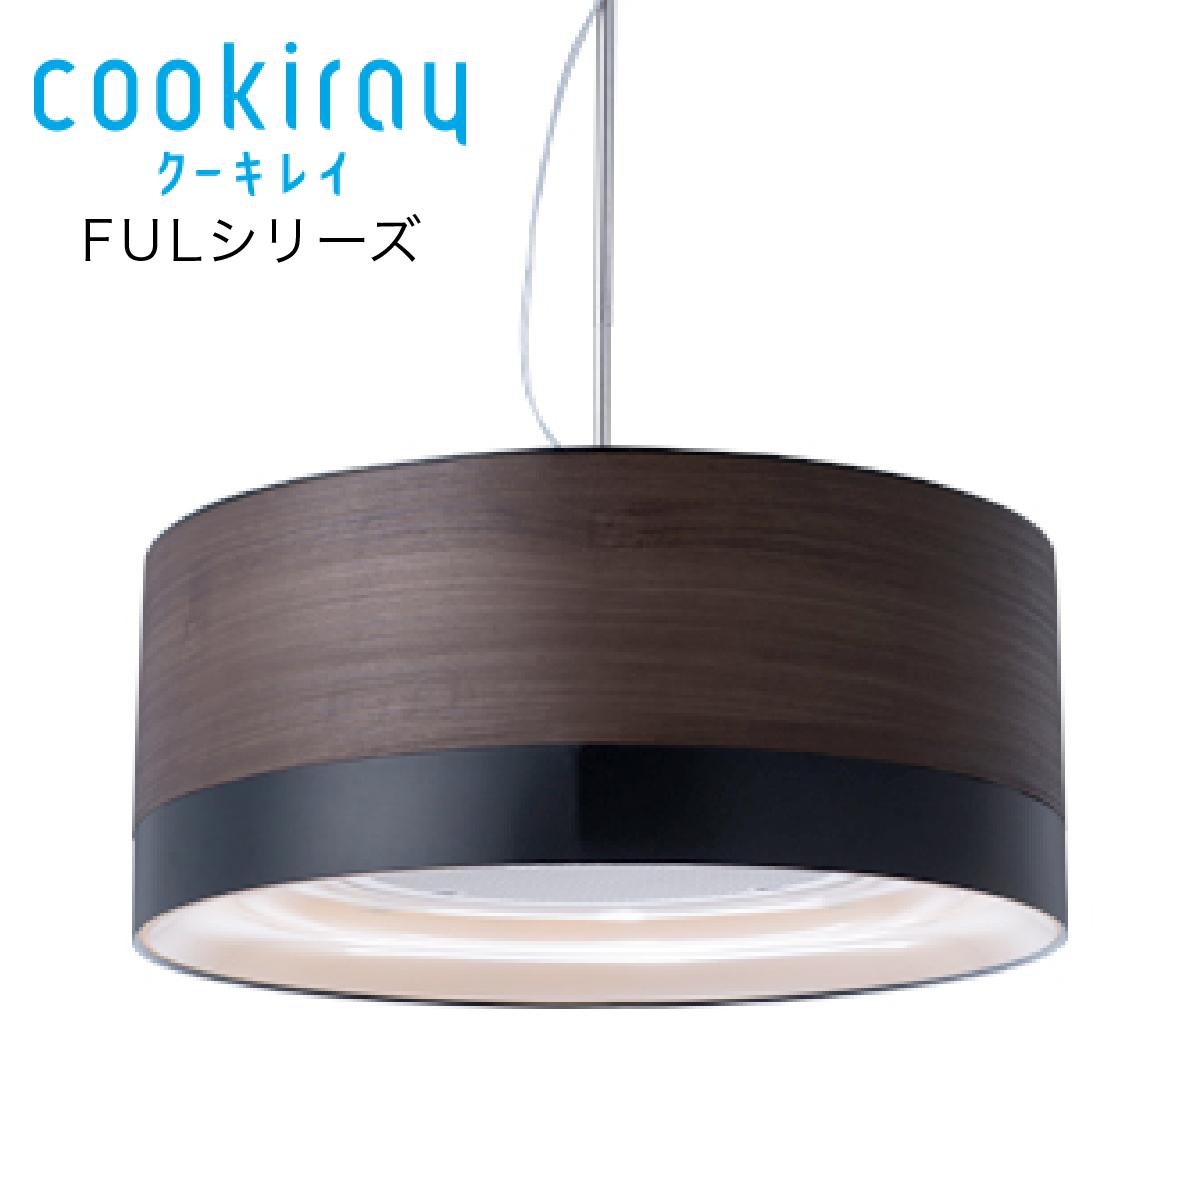 富士工業 [ Cookiray ] クーキレイ FULシリーズ ウッドホワイト / ウッドブラック C-FUL501-WW / WBK ダイニング照明 空気清浄